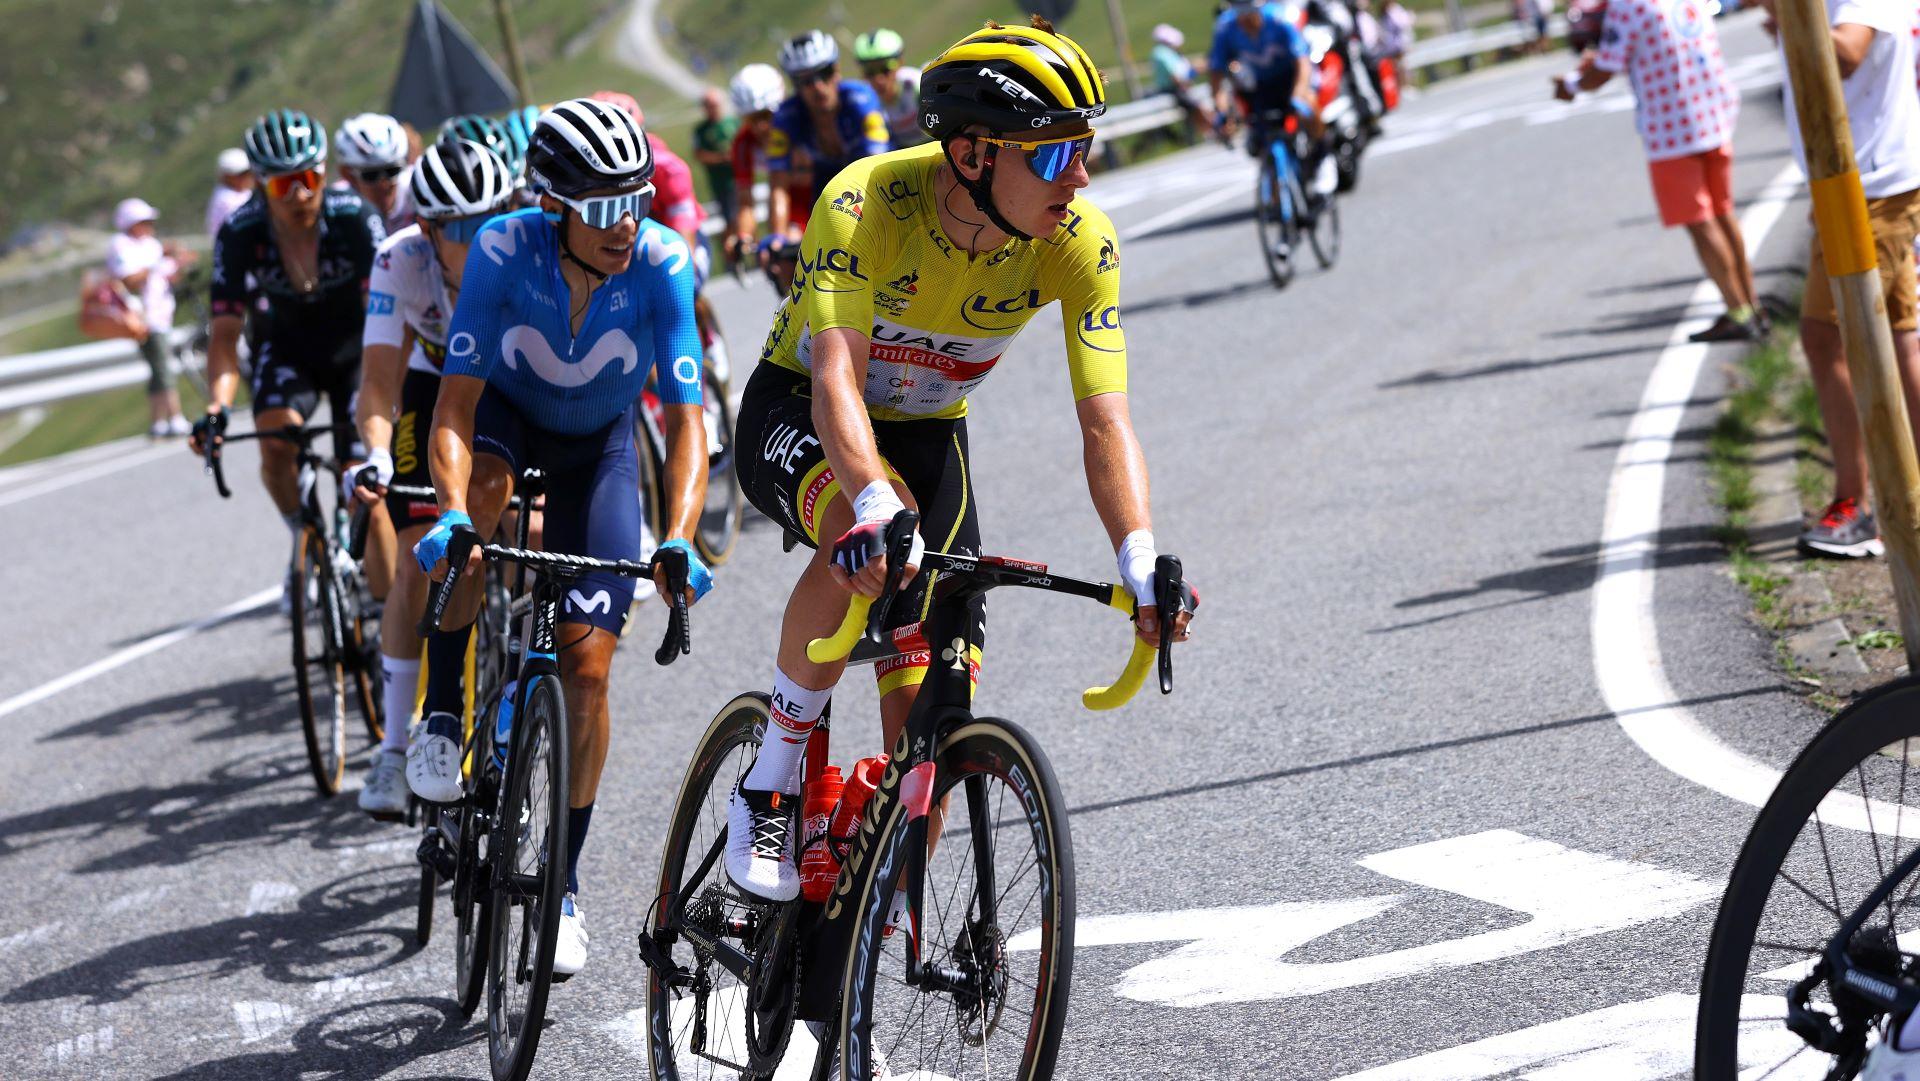 Tour de France 2021 heute im TV und LIVE-STREAM sehen: Die Übertragung der  letzten Etappe (Finale)